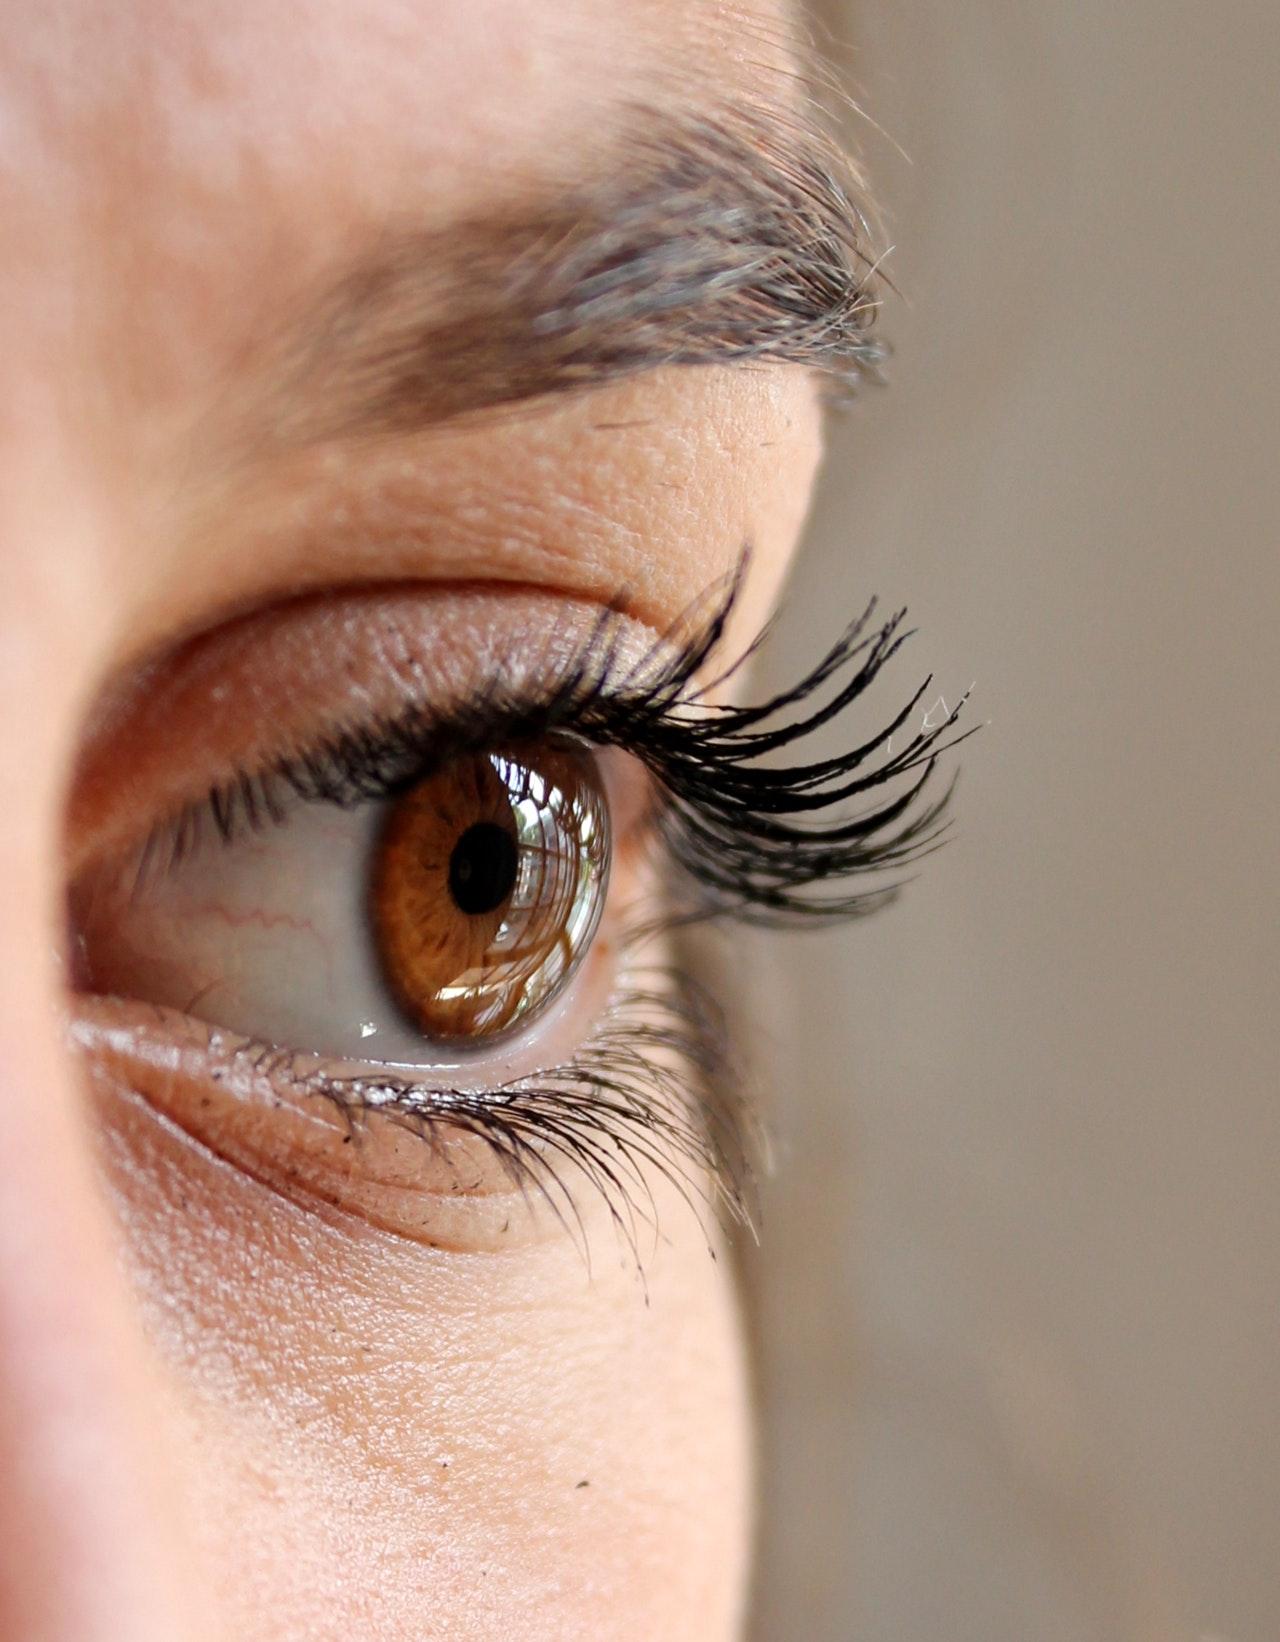 Parinaud-szindróma – A szem betegsége